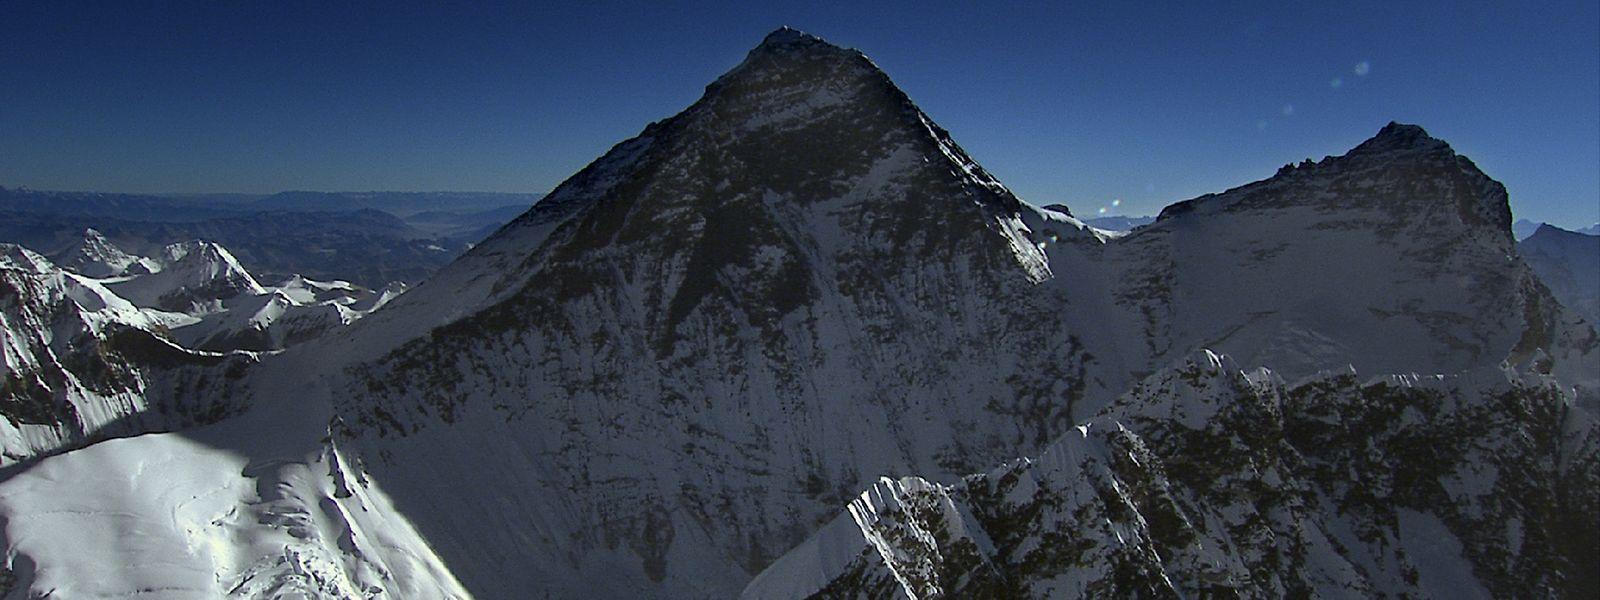 Für manche ein Lebenstraum: Einmal auf dem höchsten Gipfel der Erde zu stehen. Für viele Nepalesen sichert der Berg auch ihren Lebensunterhalt.